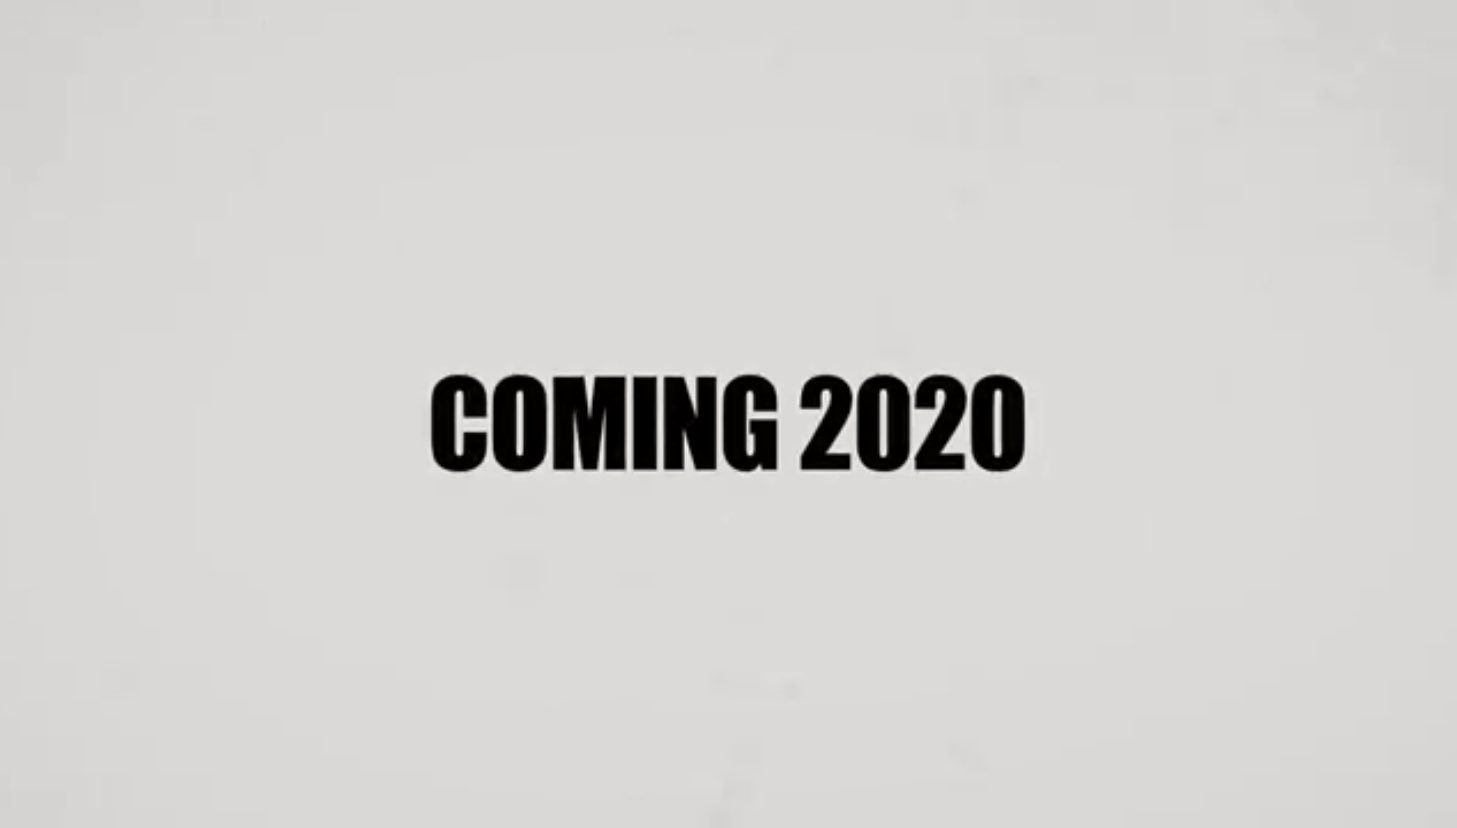 20余年进化之路 经典格斗游戏《罪恶装备》游戏画面变迁史